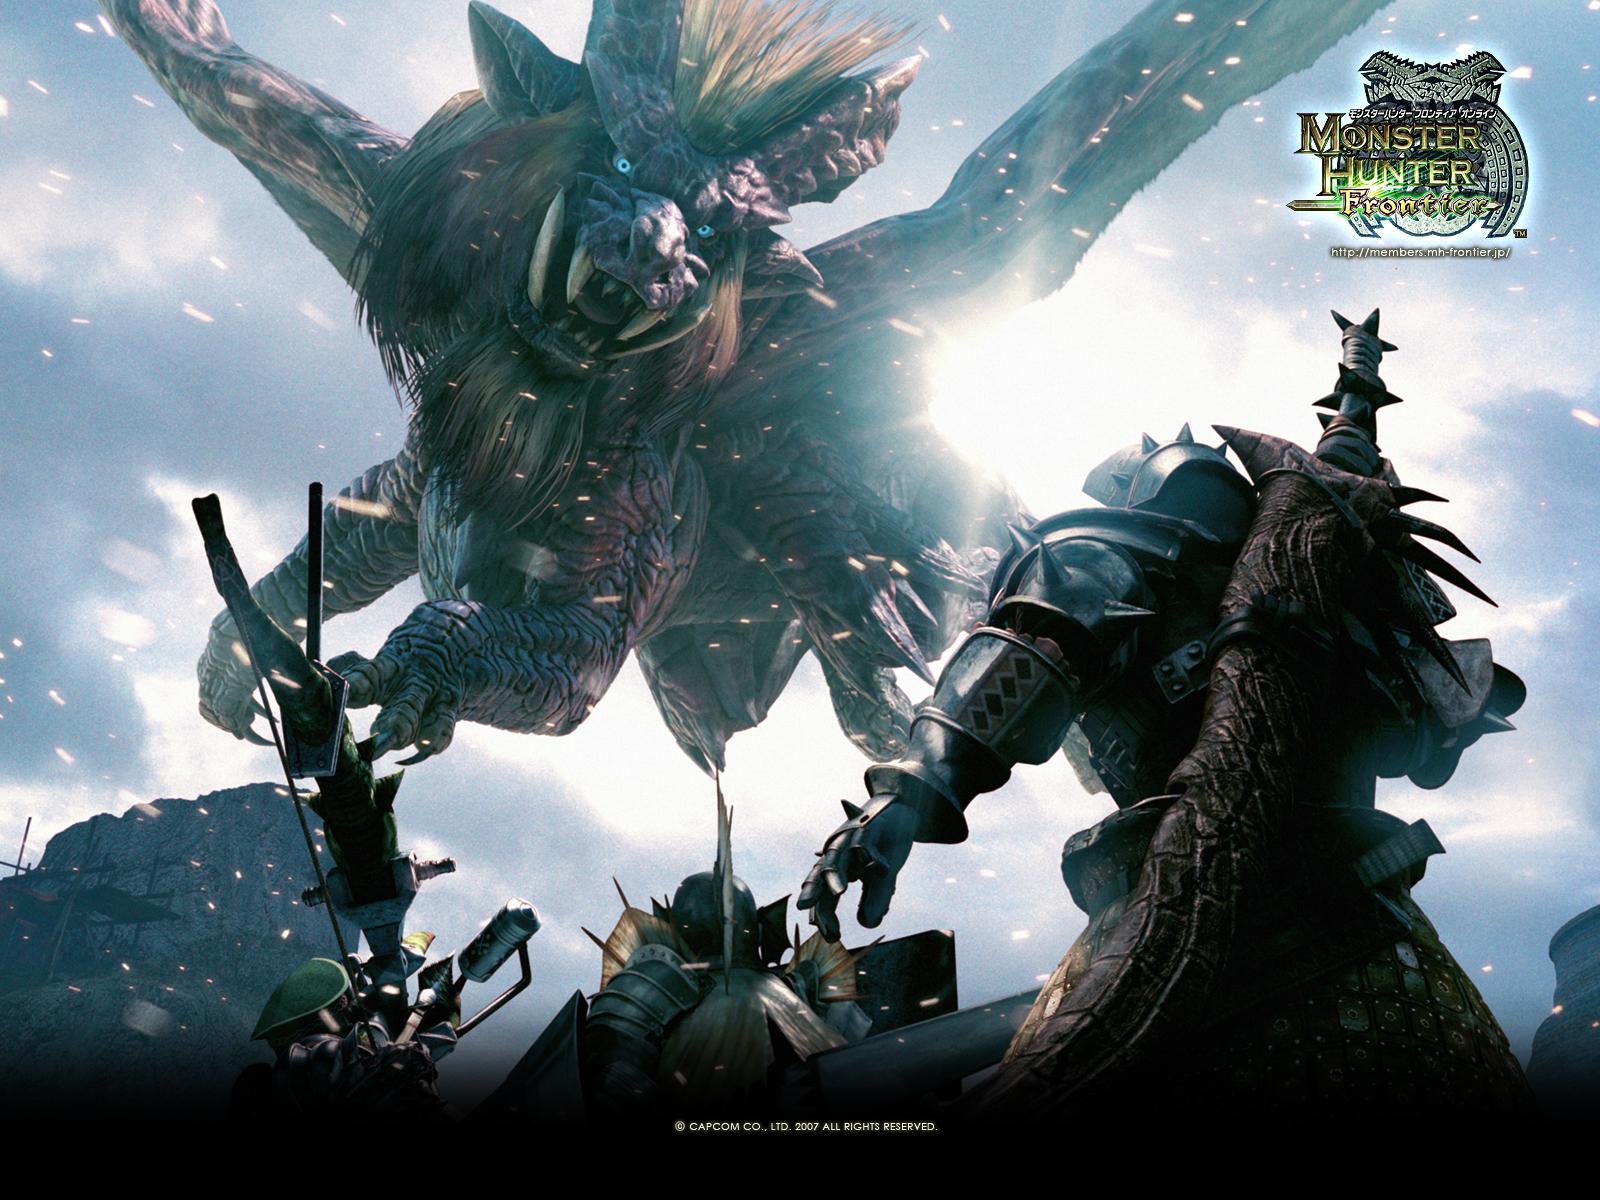 Best Game Wallpaper: Dead Rising 2 Game Wallpapers Monster Hunter 4 rumored